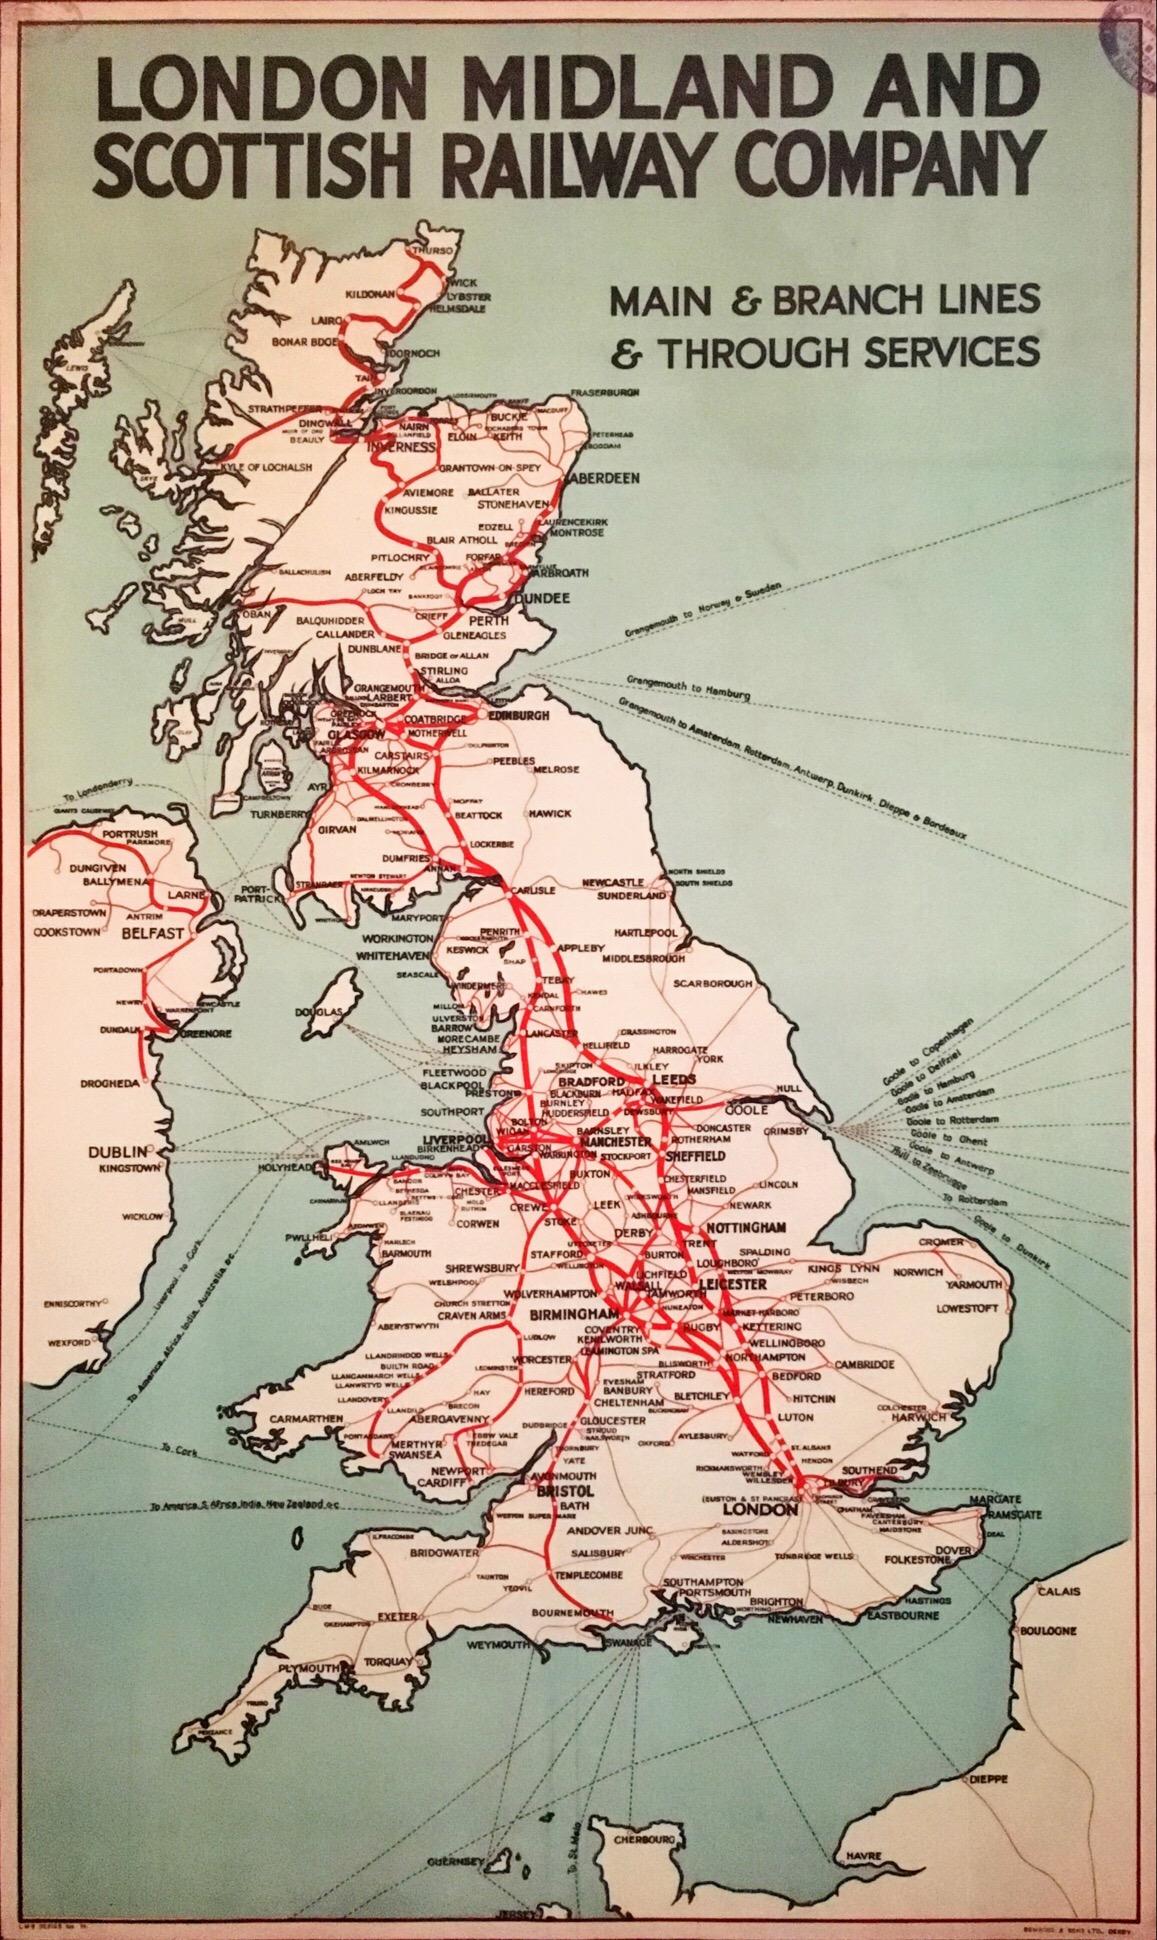 London Midland and Scottish Railway Company